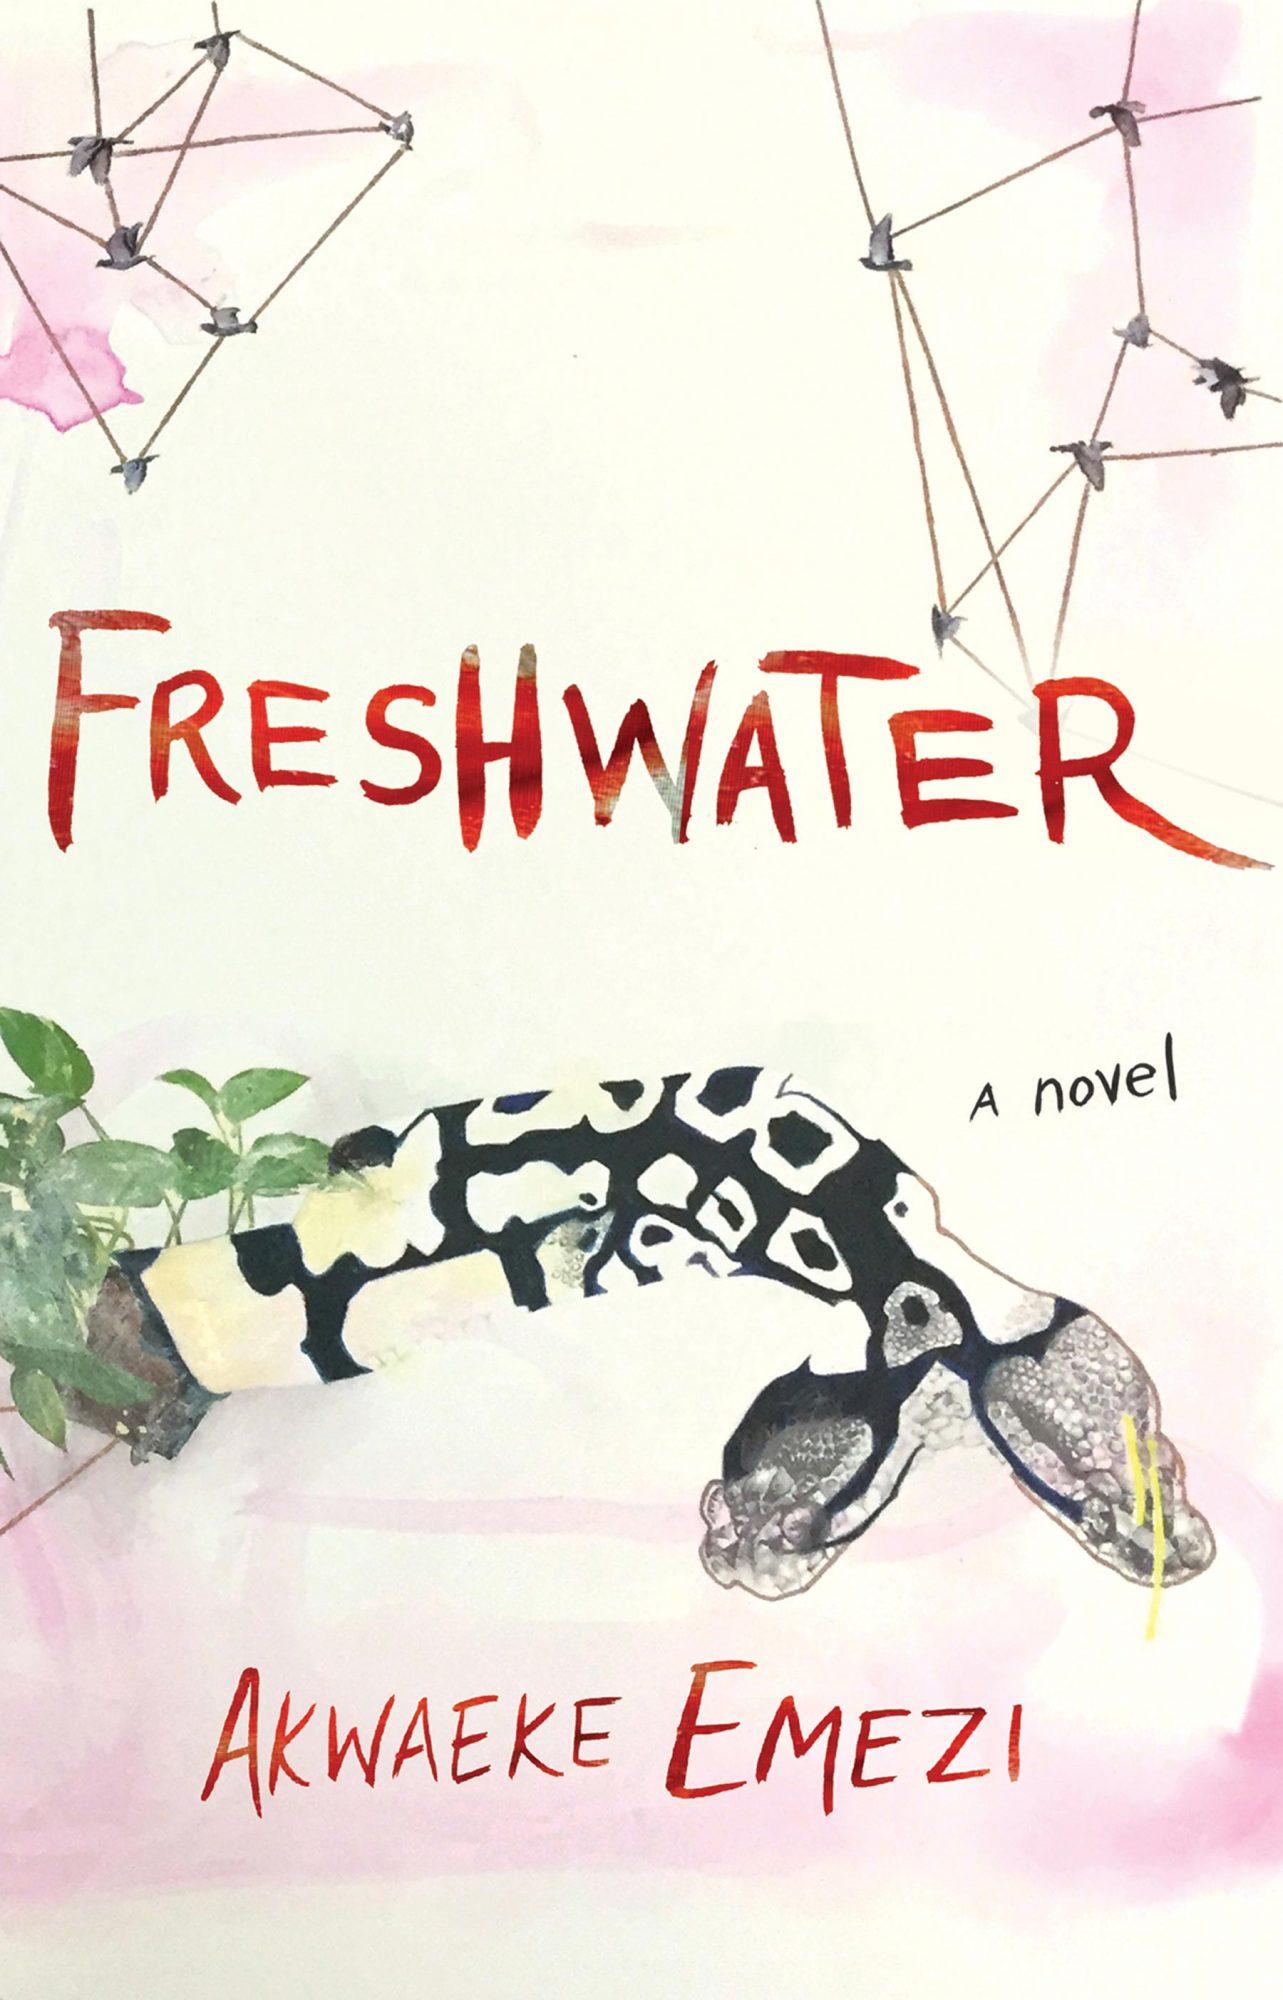 FRESHWATER2018Akwaeke Emezi